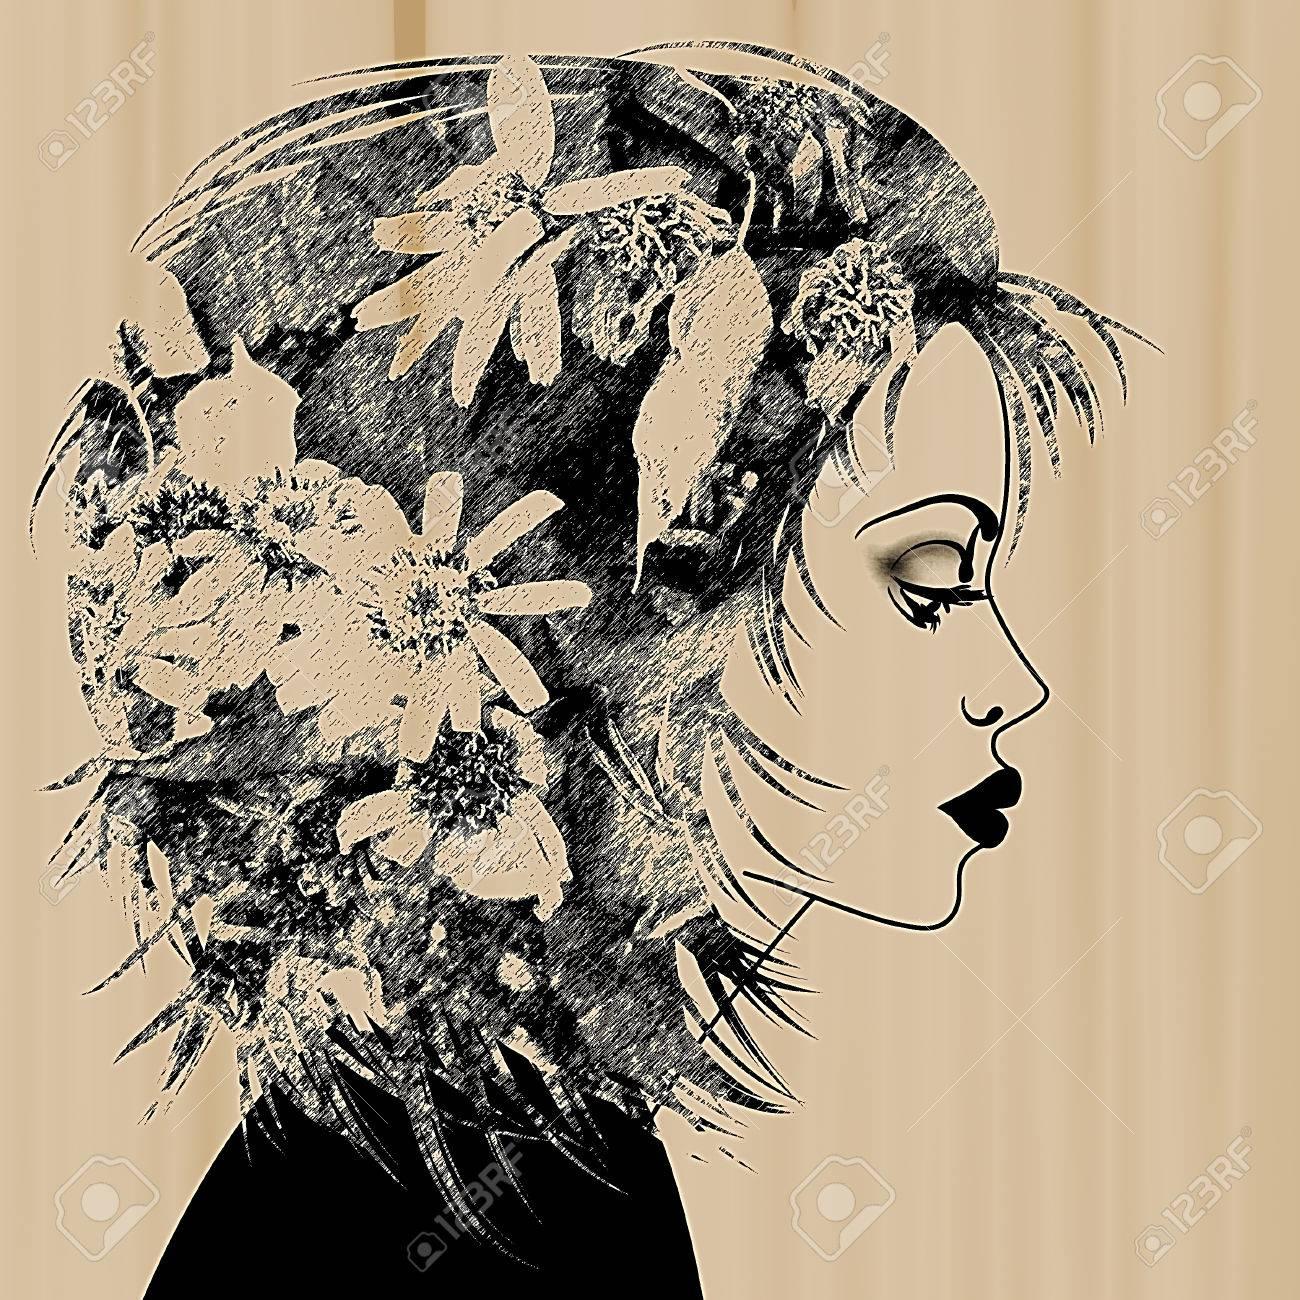 Art Esquissé Beau Visage De Jeune Fille De Profil Avec Des Cheveux Floral Sur Fond Sépia En Noir Et Blanc